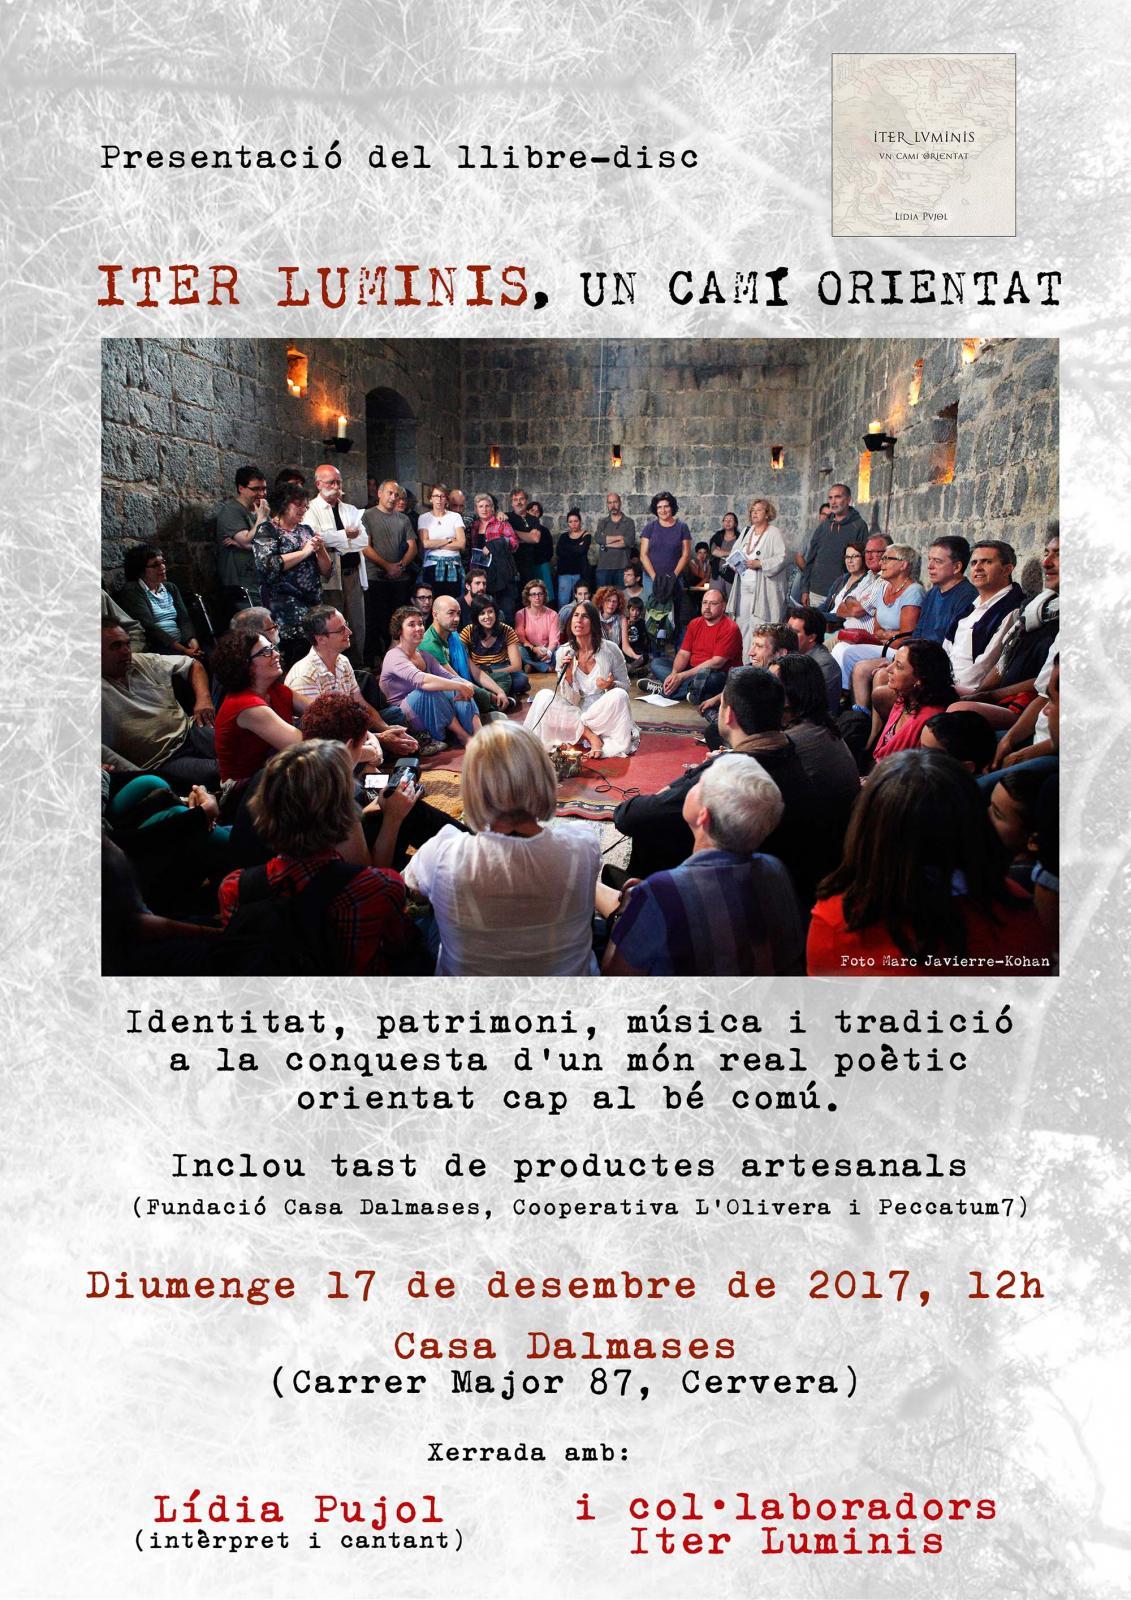 Lídia Pujol presenta el llibre-disc 'Iter Luminis, un camí orientat' a Casa Dalmases de Cervera